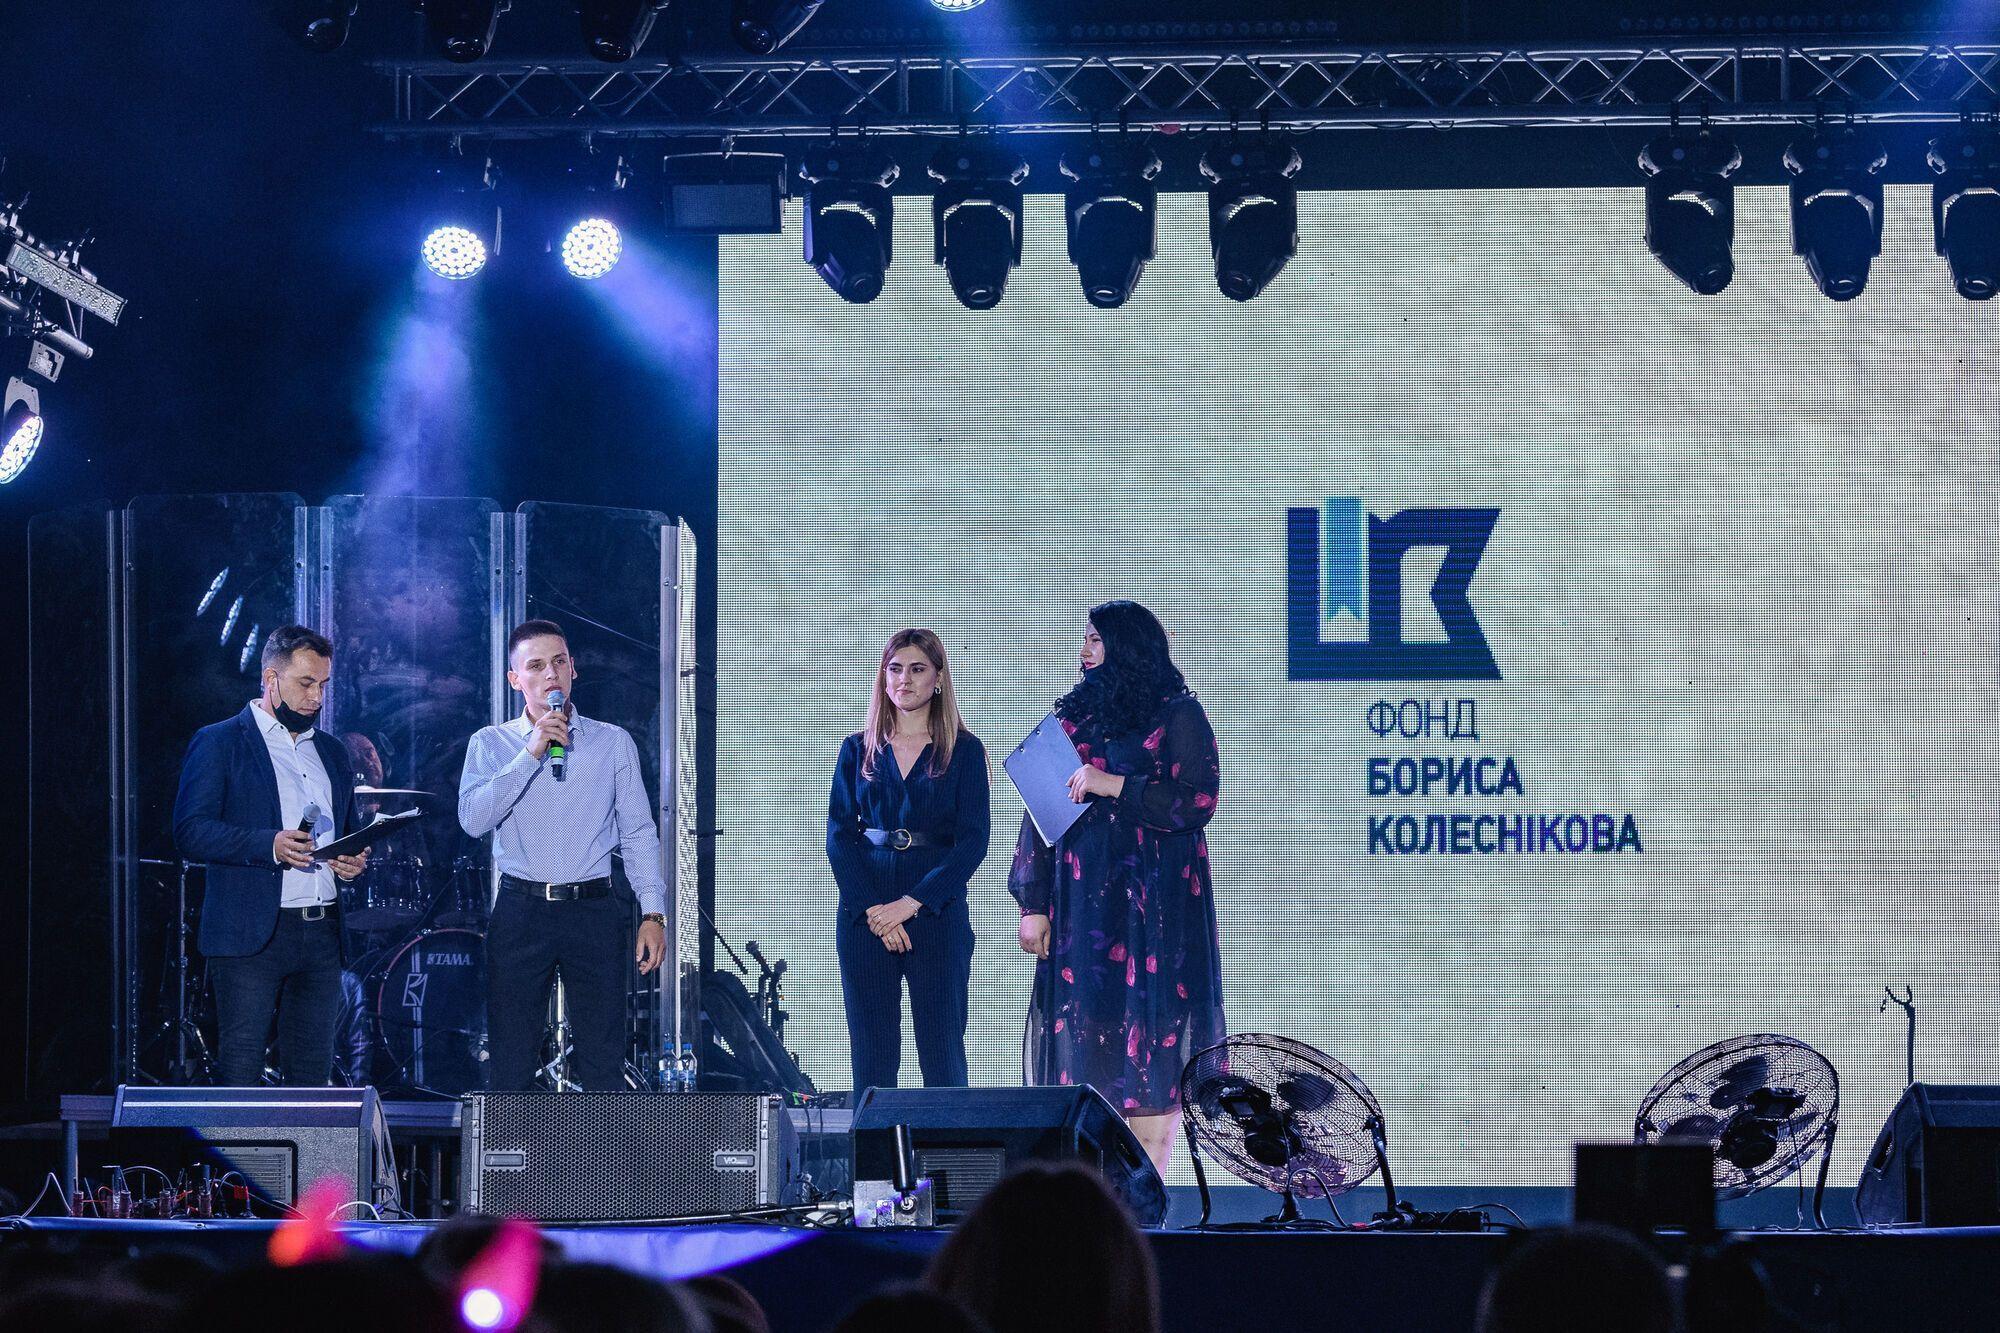 Фонд Бориса Колеснікова організував свято до Дня Костянтинівки